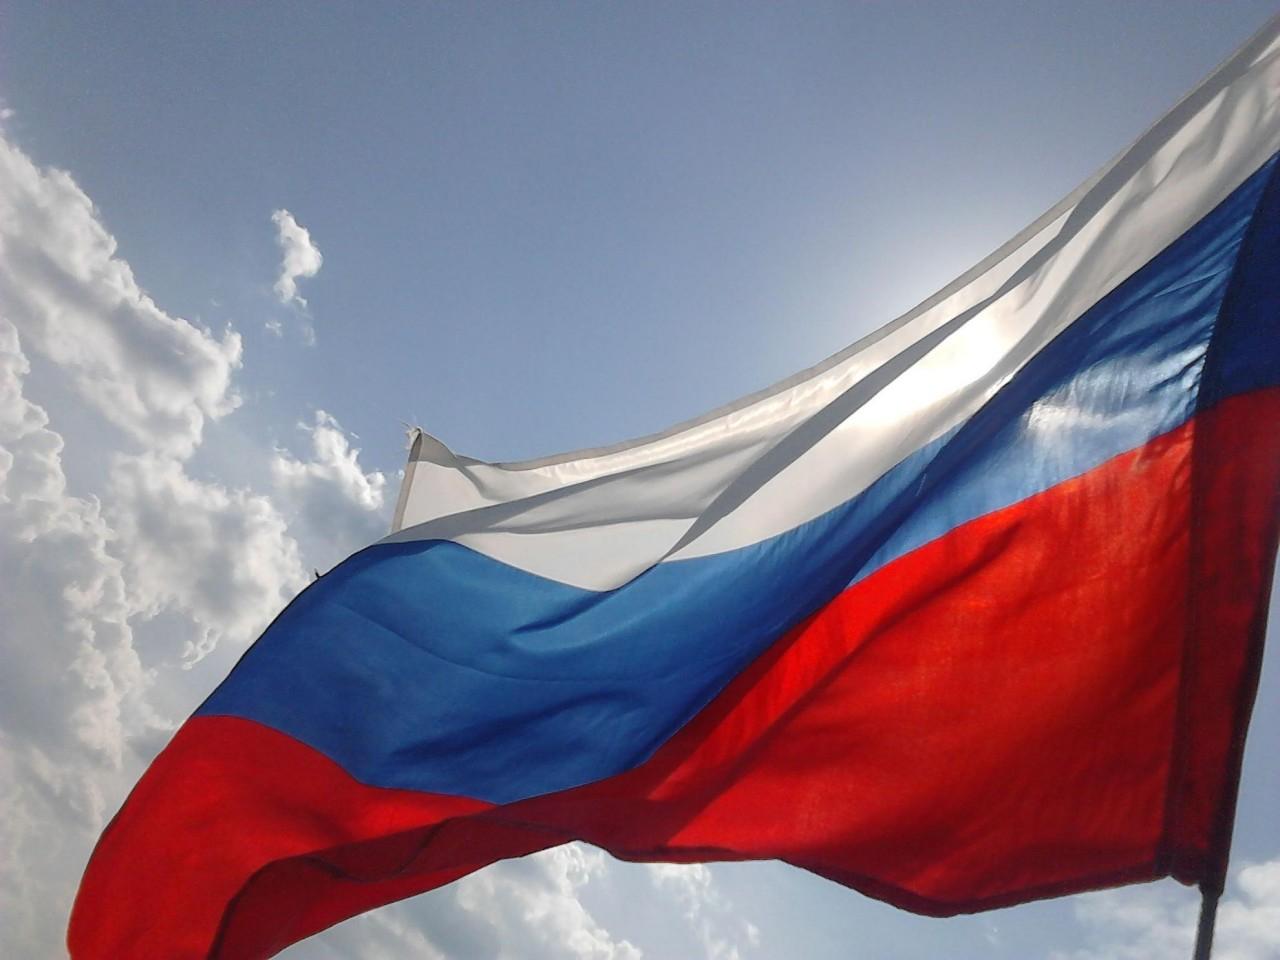 Жители Марий Эл смогут принять участие в интересных флешмобах в честь Дня флага России